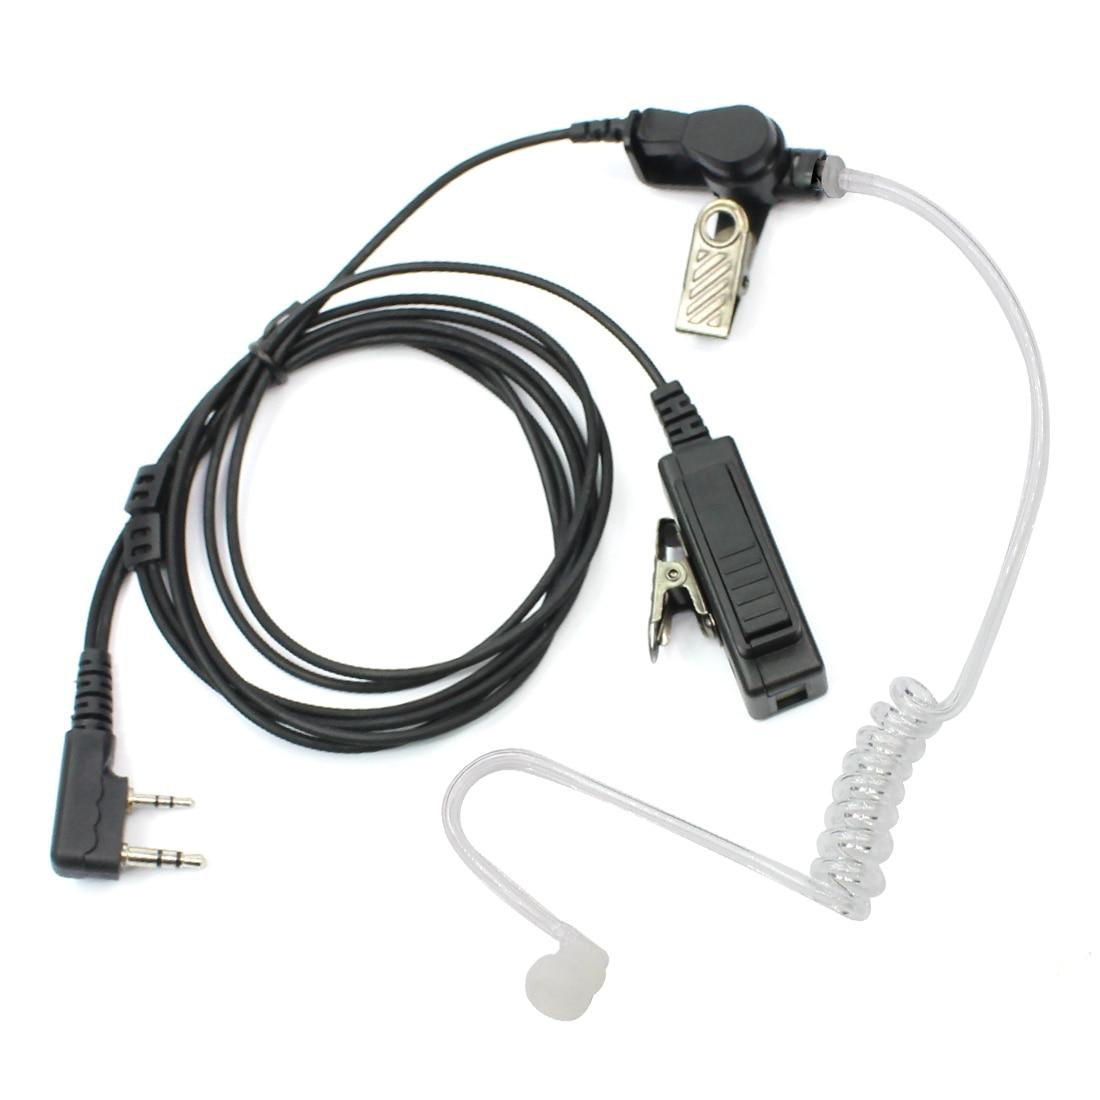 2Pin PTT Mic In-ear Earpiece Headset for Retevis H777 Kenwood Baofeng TYT HYT